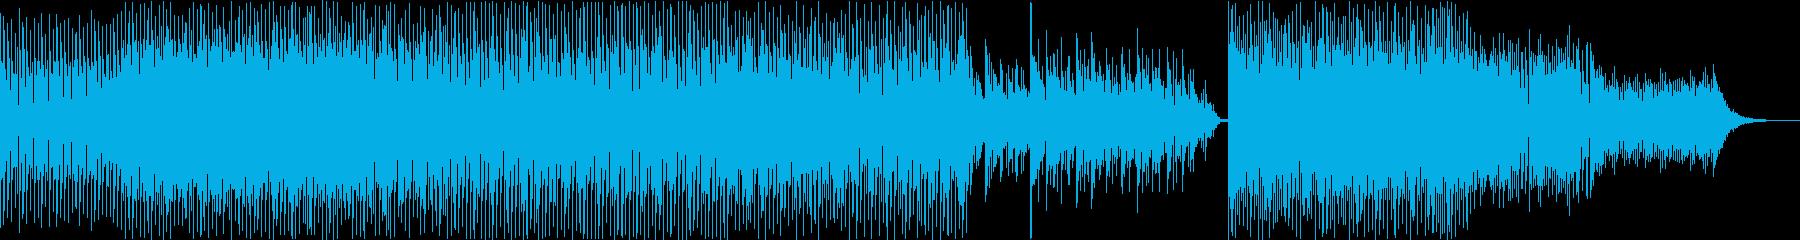 少し懐かしい高速テンポのトランス系EDMの再生済みの波形